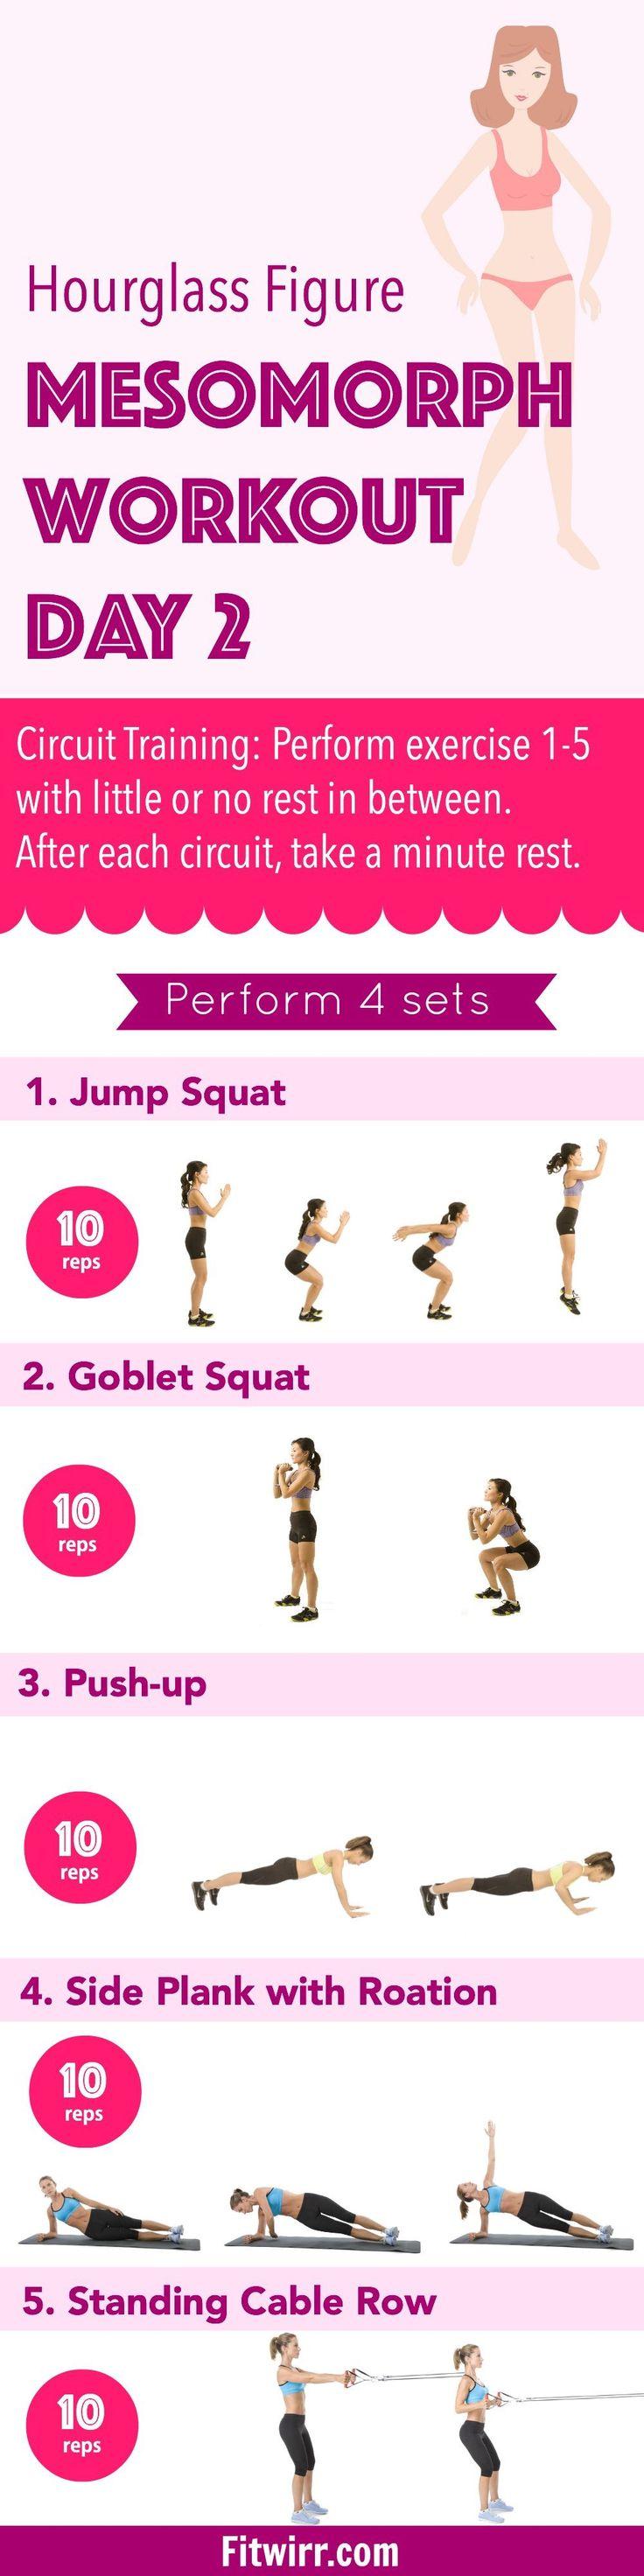 Mesomorph workout